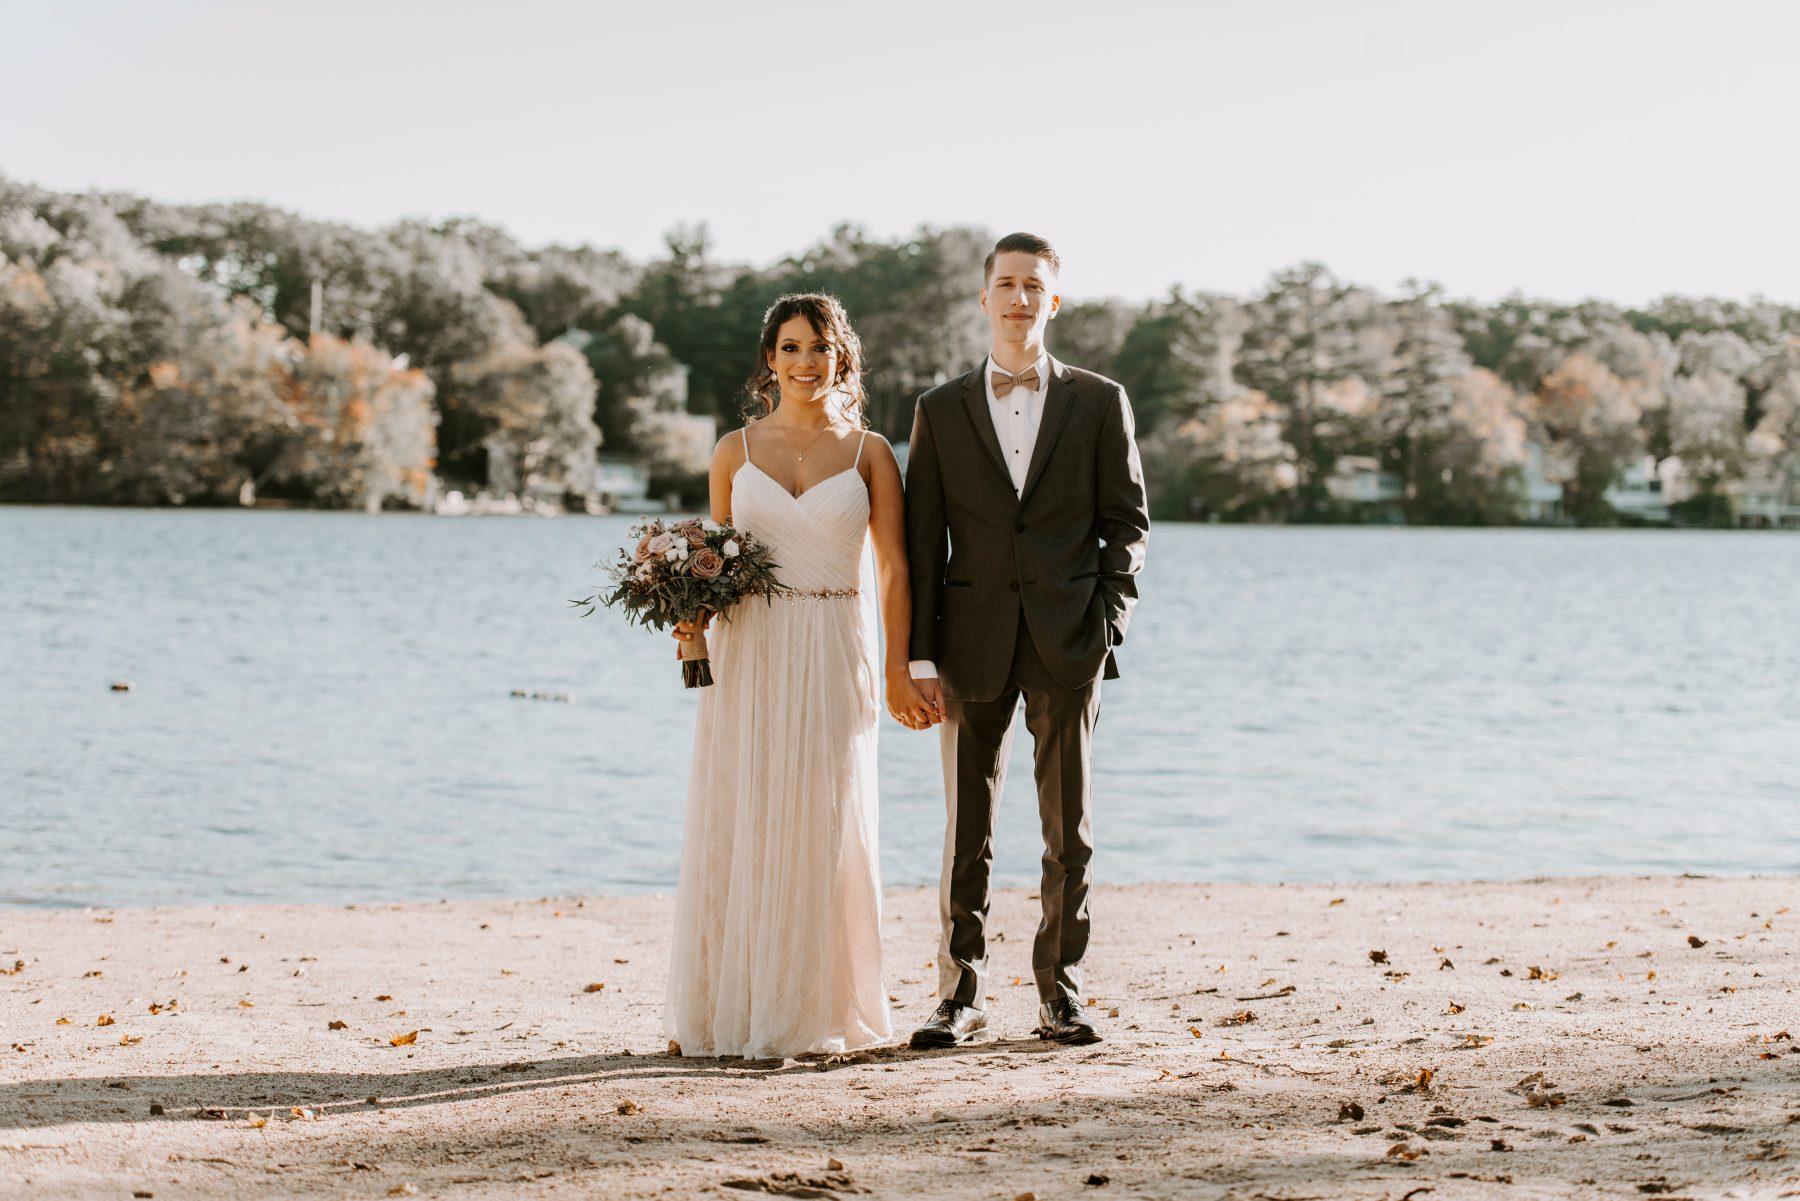 Lake Pearl Wrentham Wedding Olga and Caleb Blueflash Photography 10